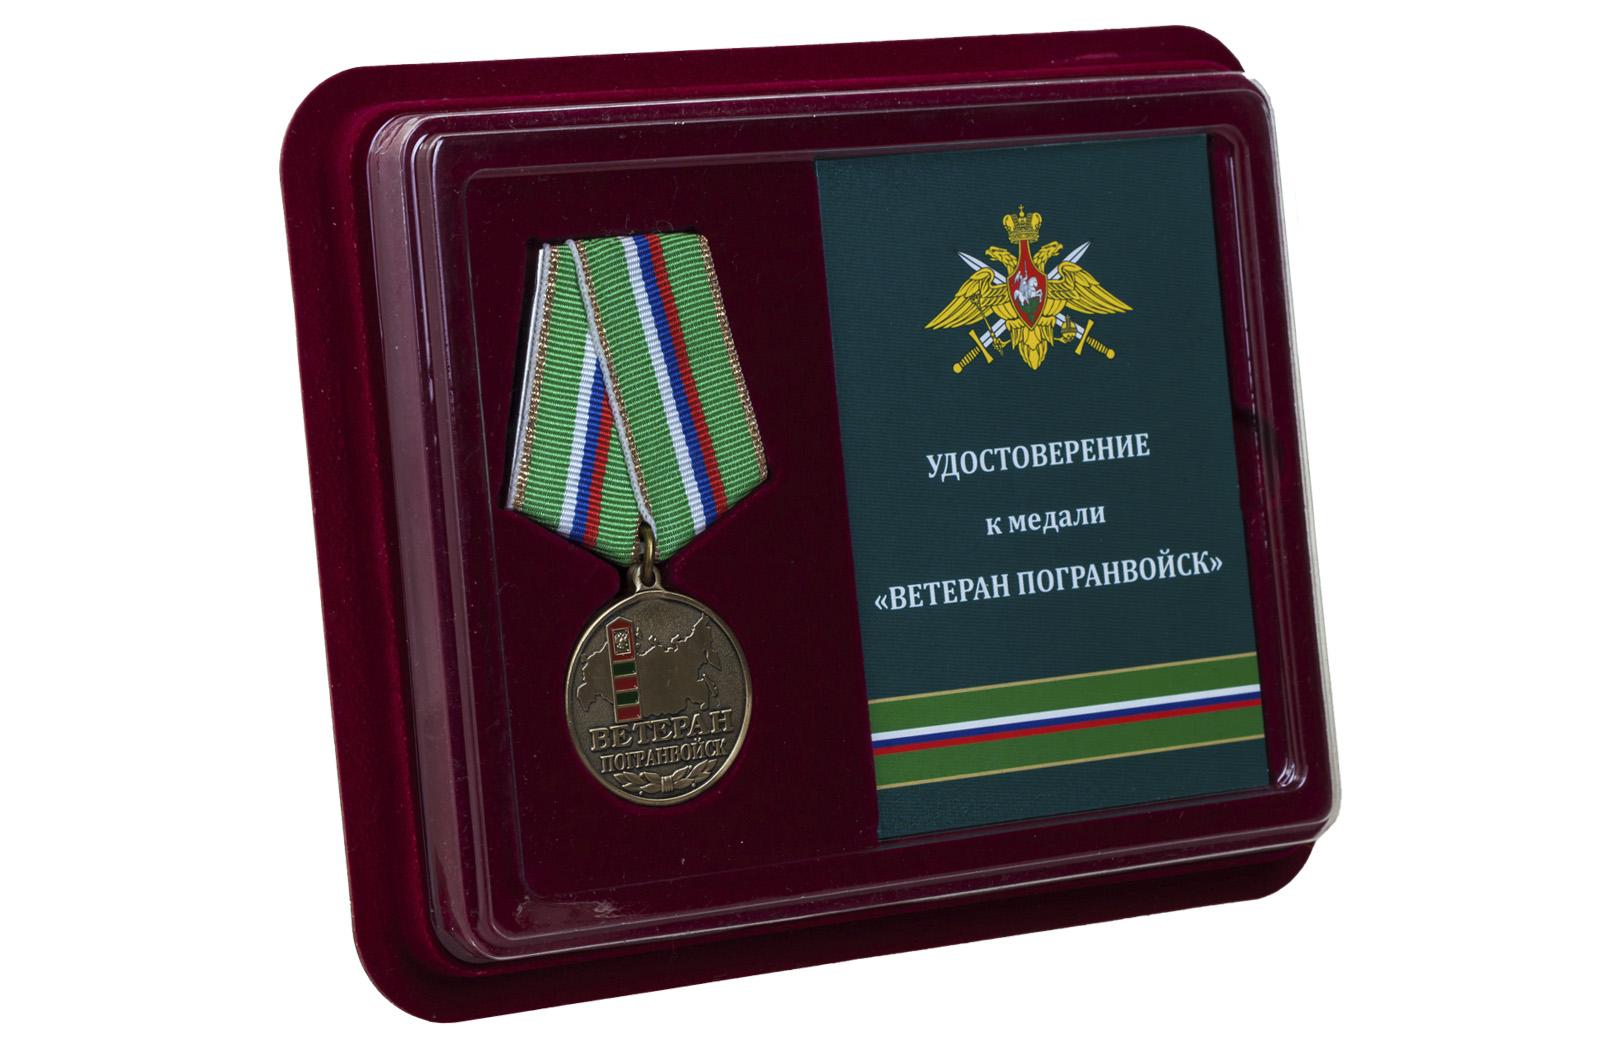 Купить медаль Ветеран погранвойск в футляре с удостоверением в подарок